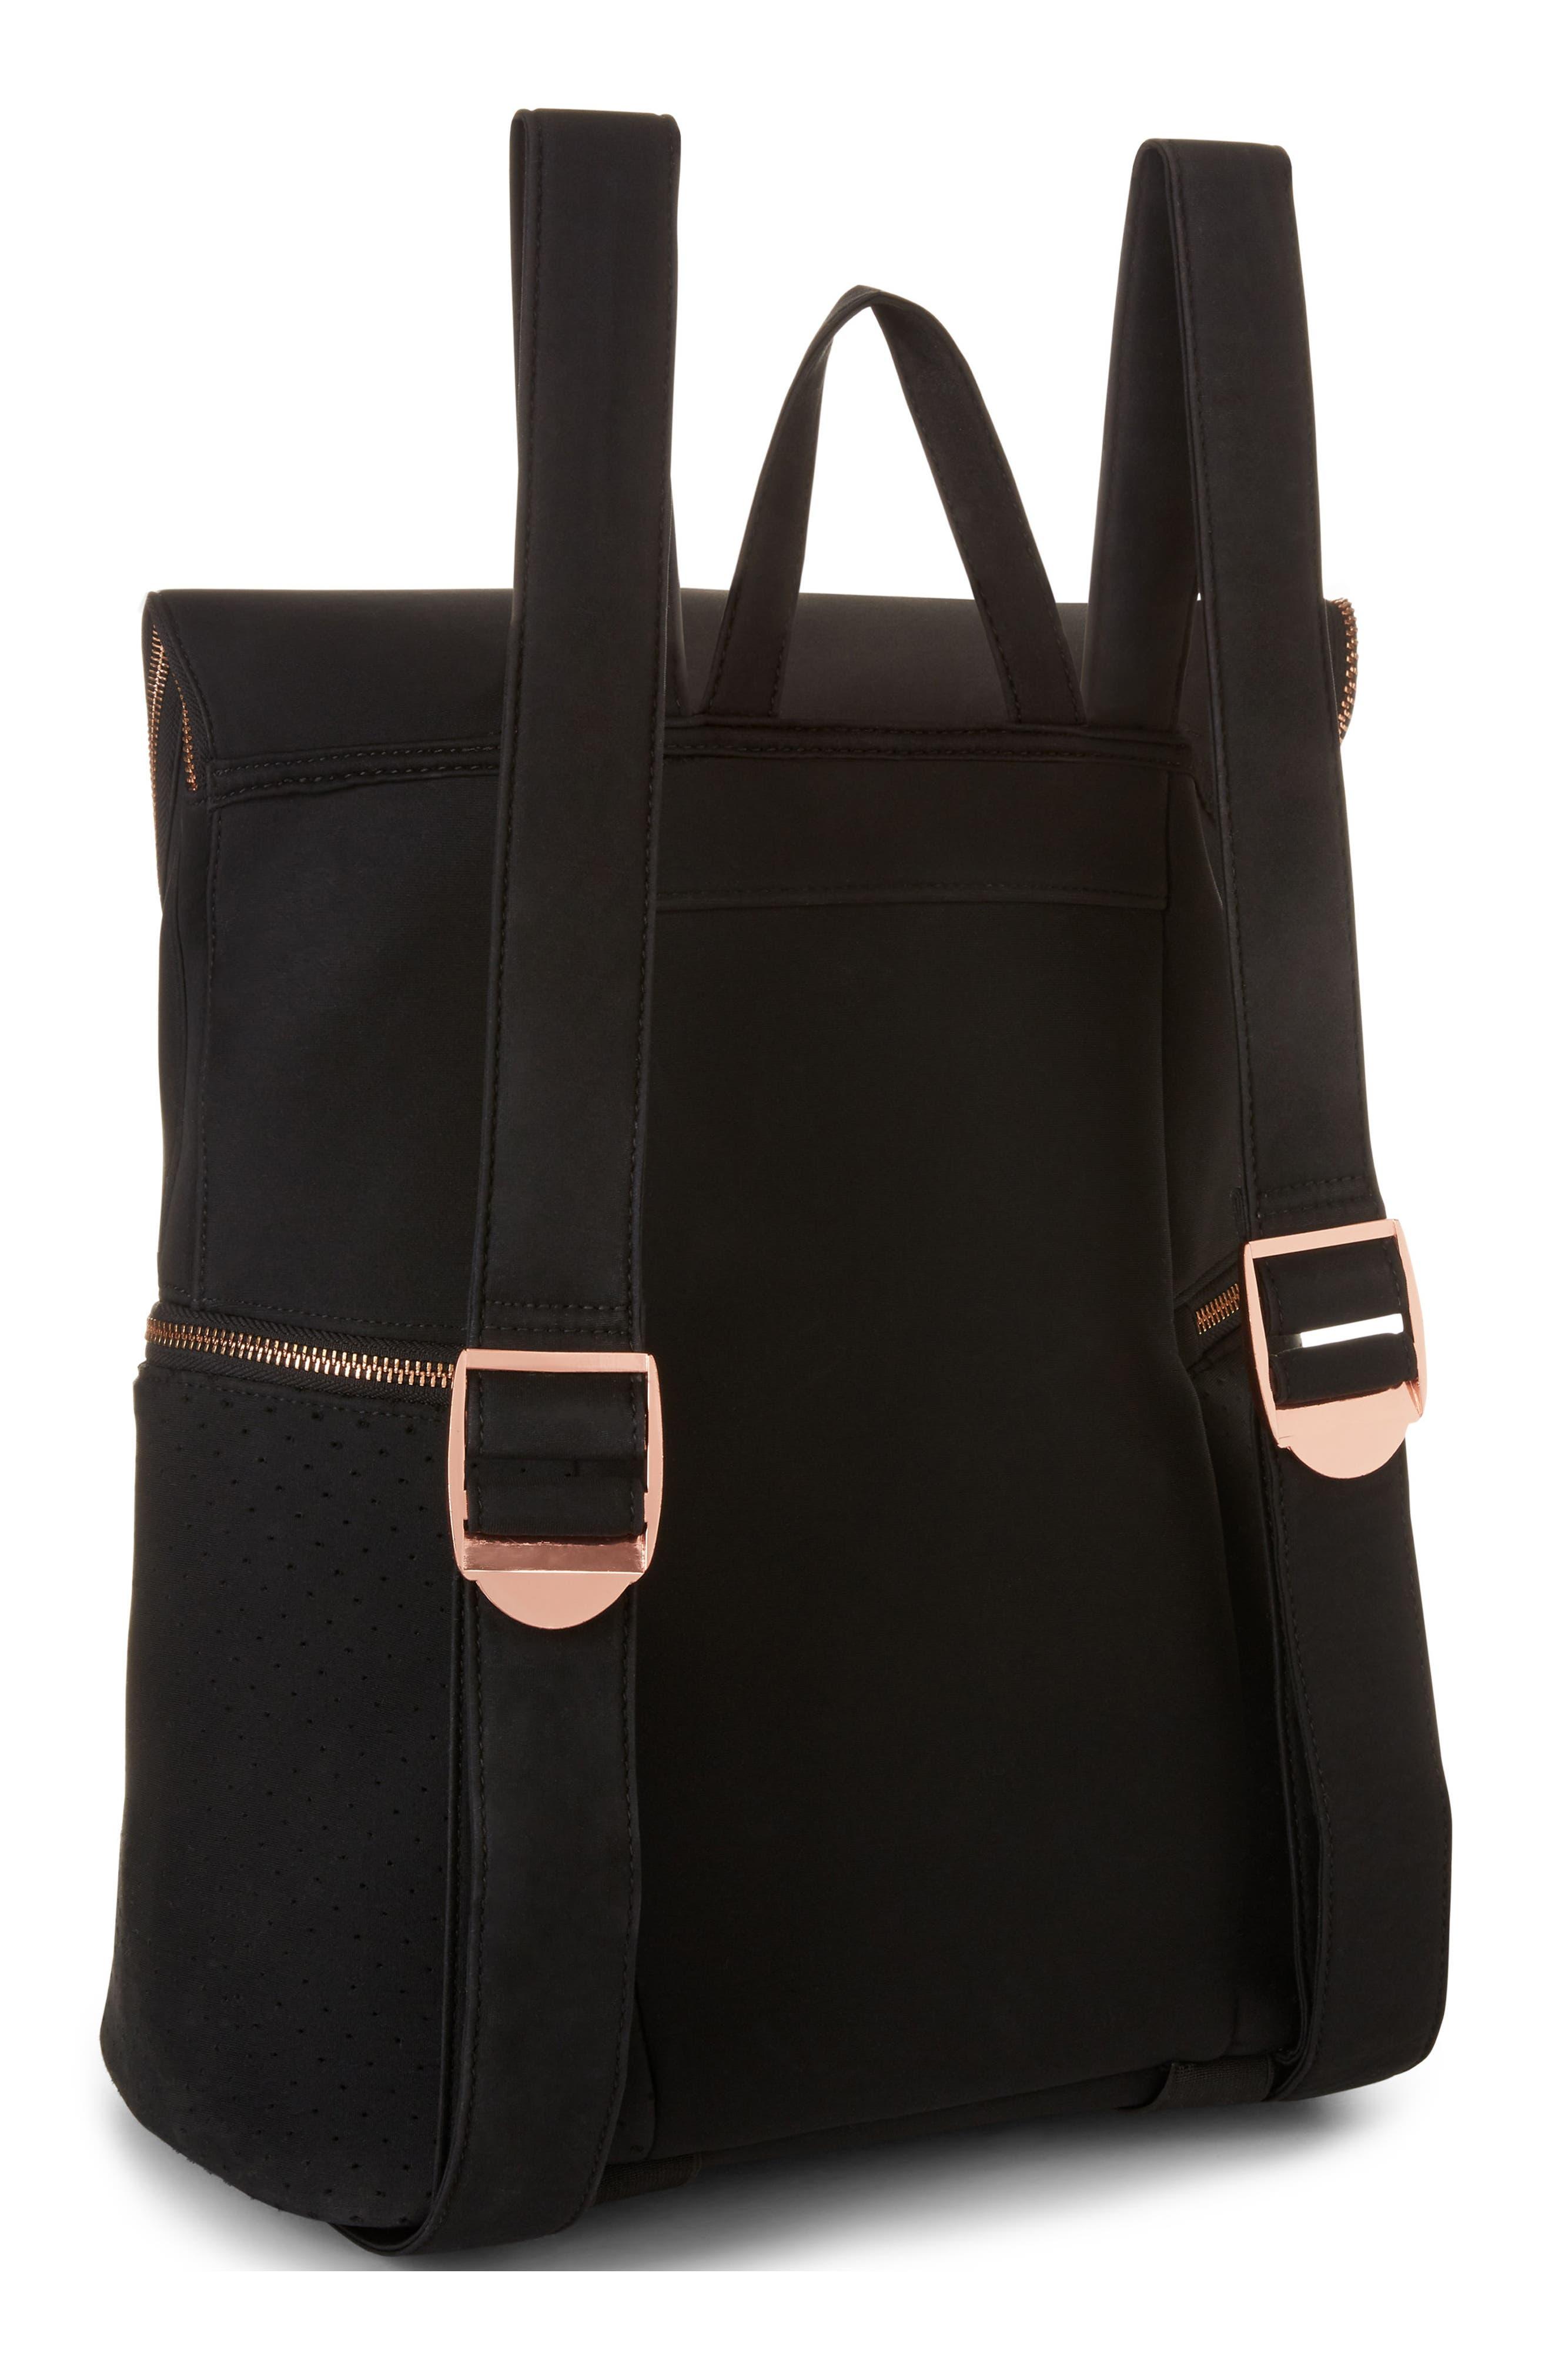 All Sport Backpack,                             Alternate thumbnail 3, color,                             Black